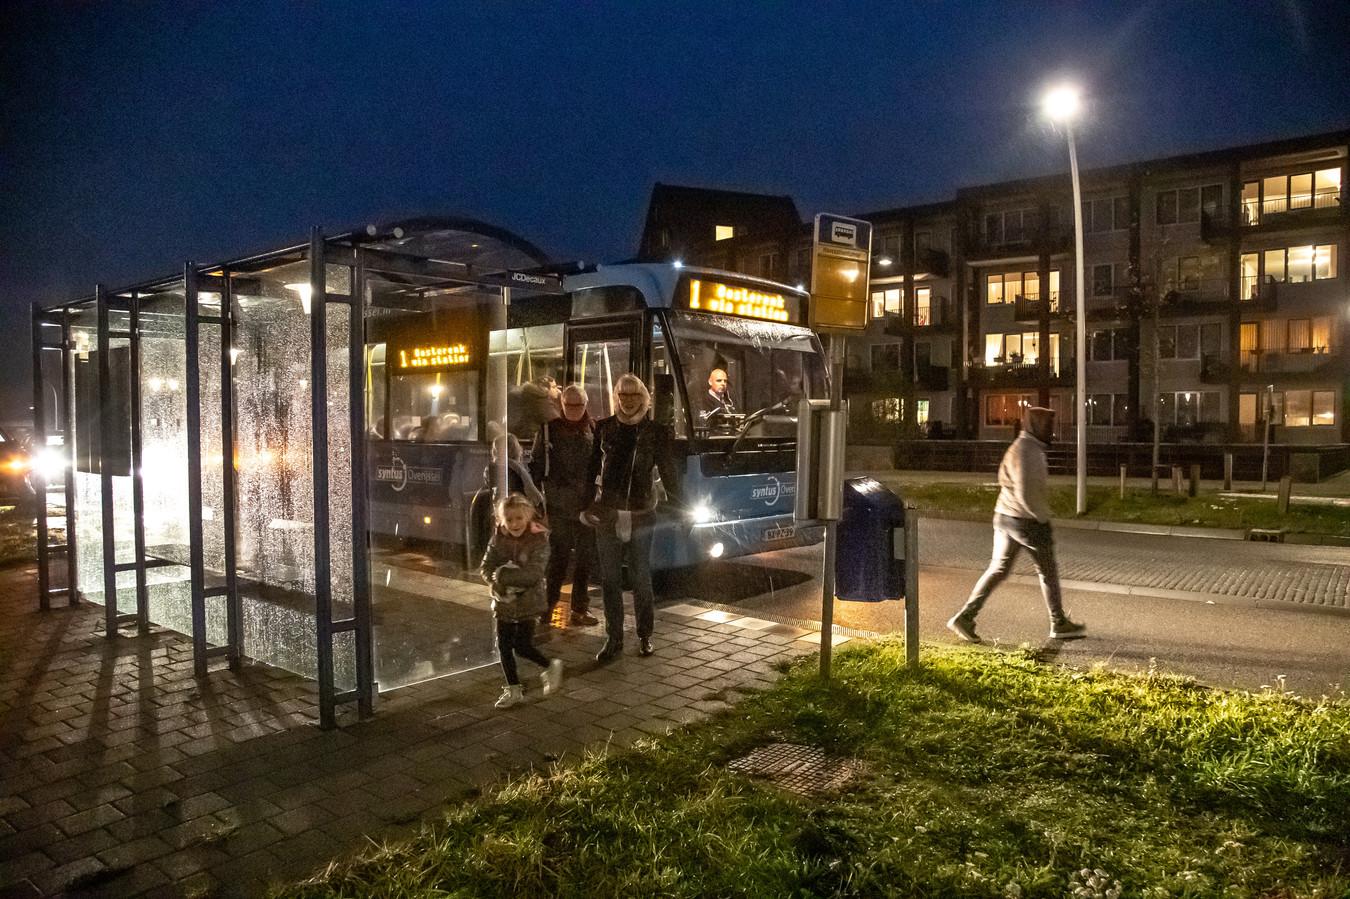 De stadsbus rijdt sinds eind vorig jaar een andere route in Stadshagen, maar dat is niet overal een verbetering vindt de SP